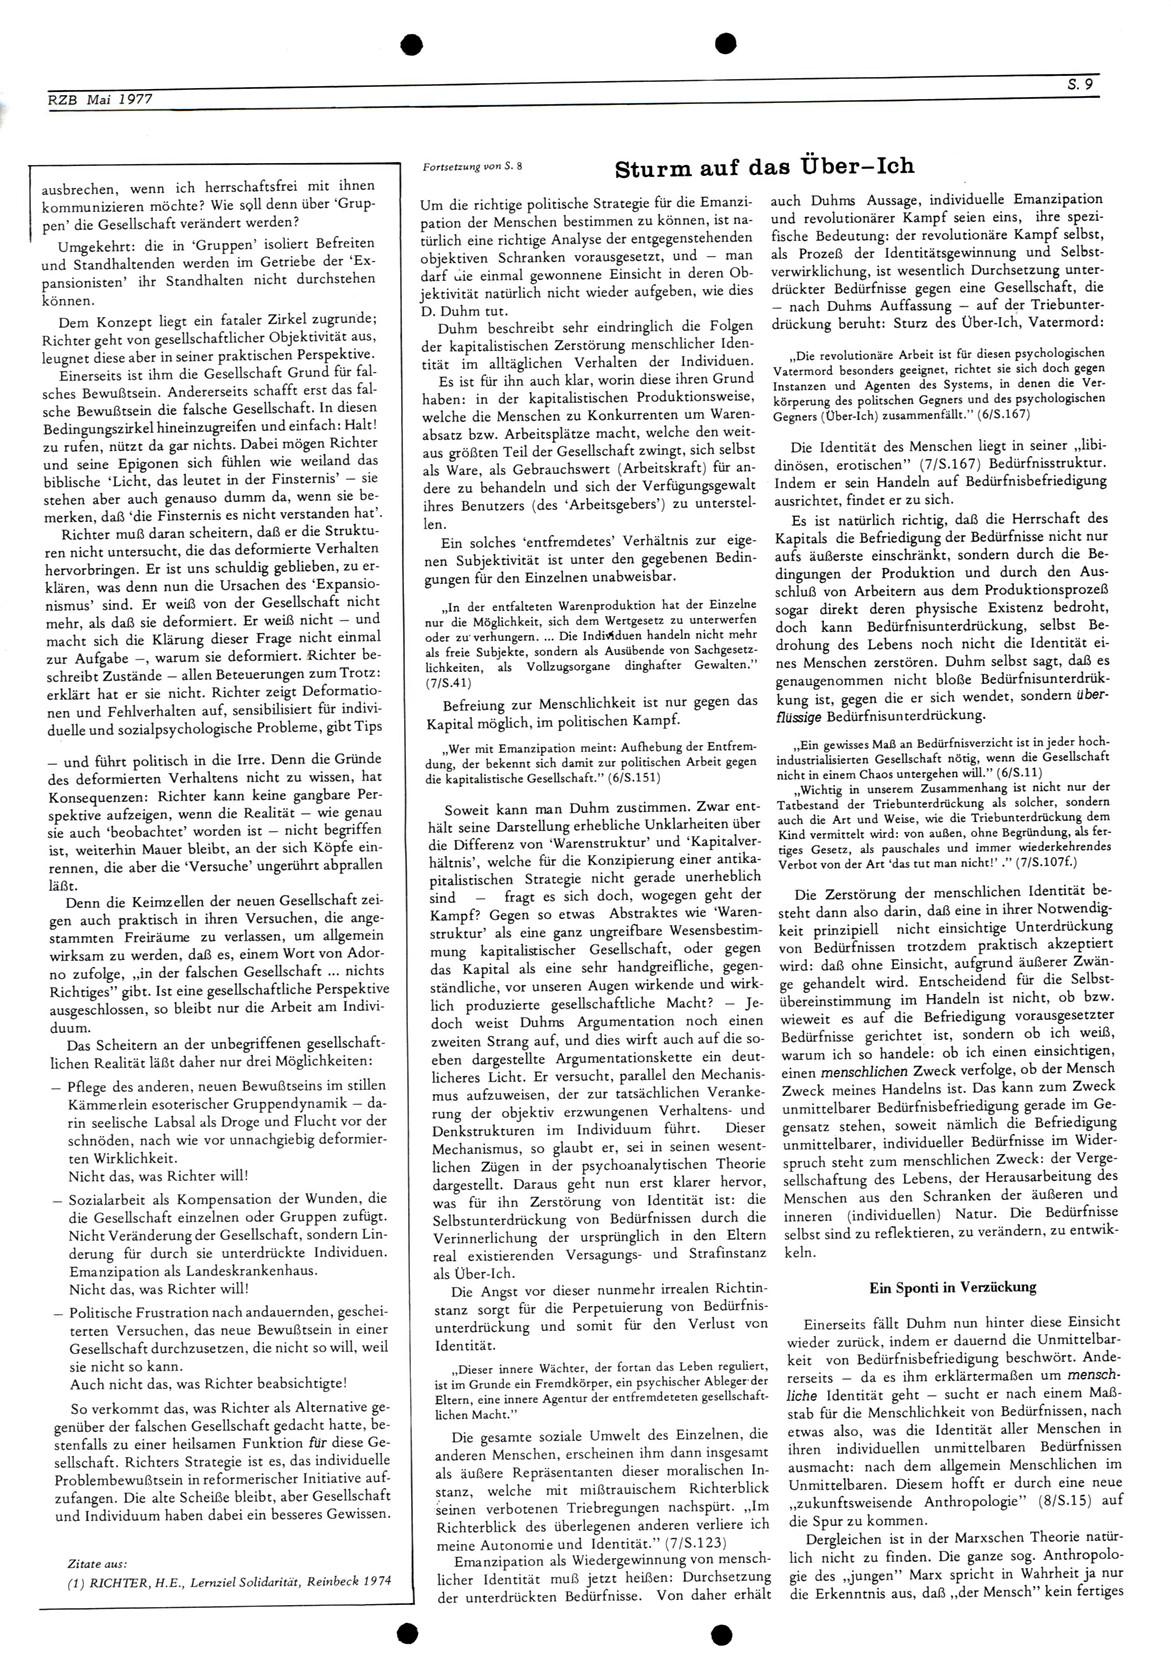 Bonn_RZ_09_19770500_09